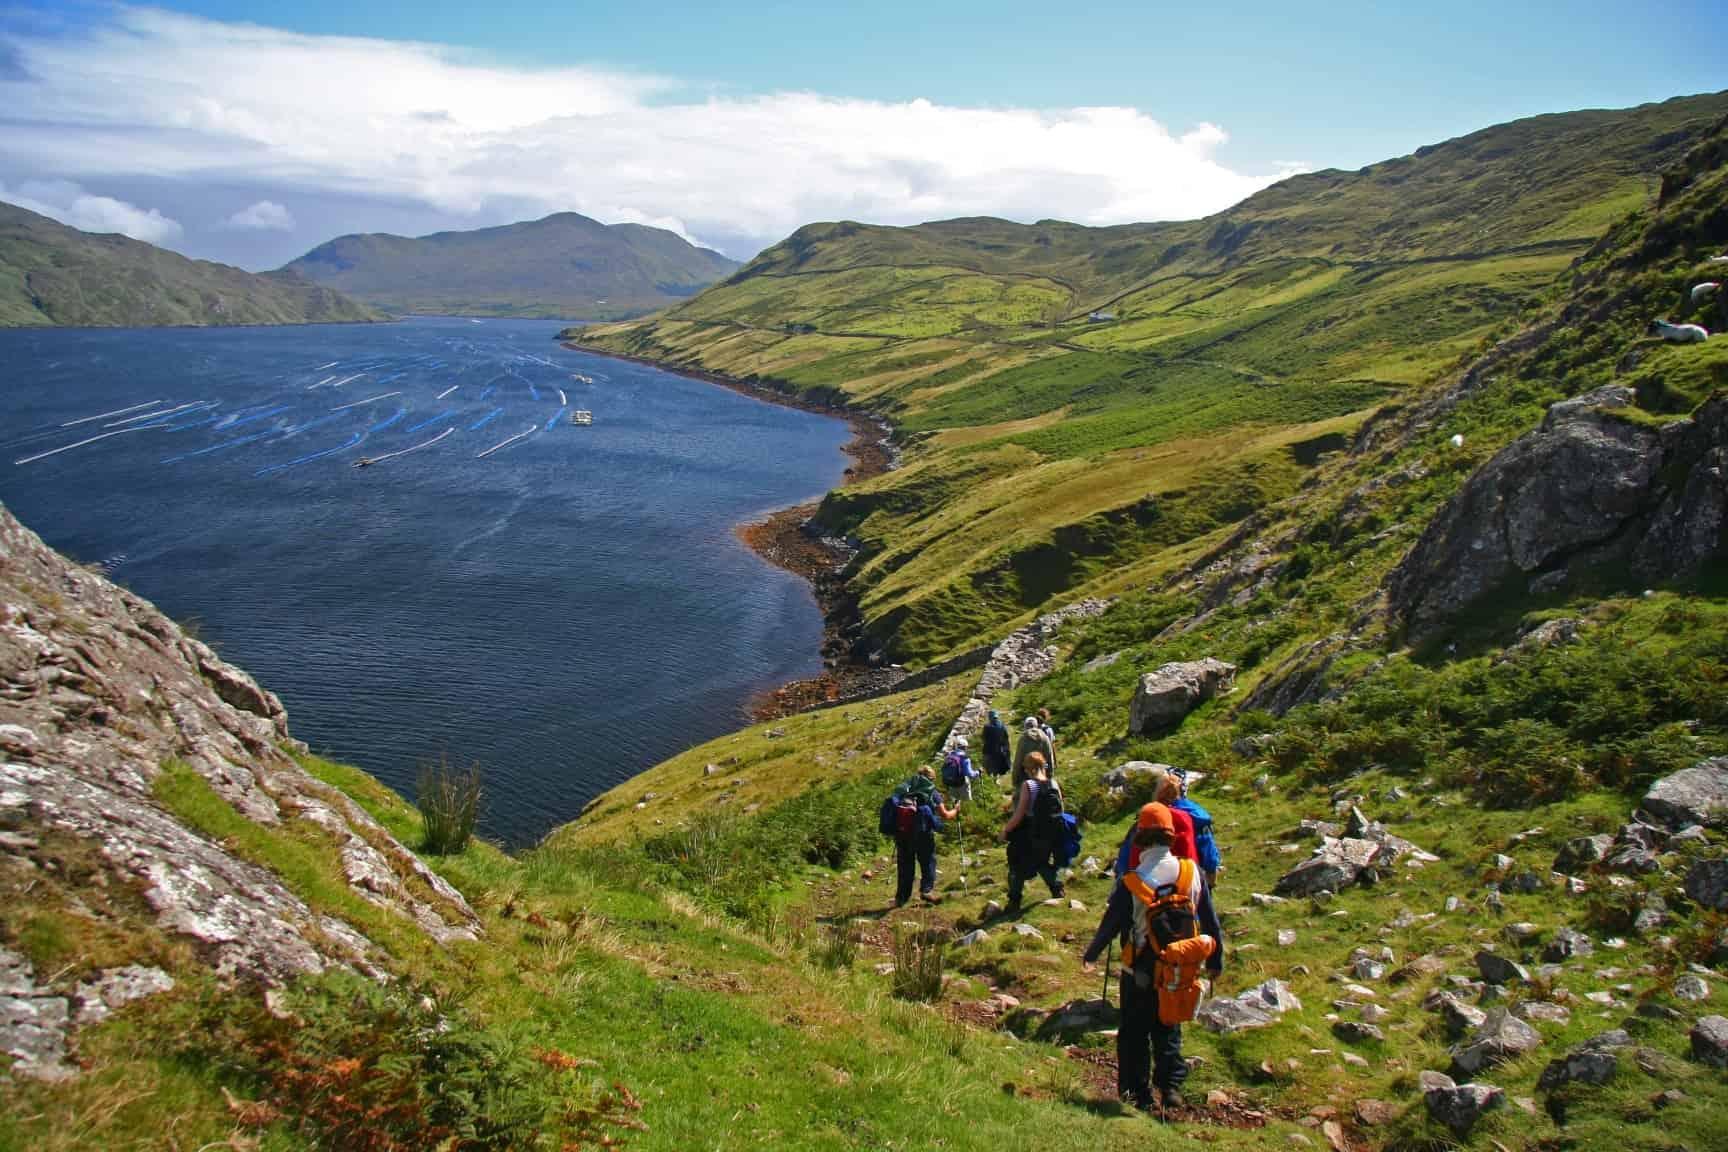 Irlands landskaber indbyder til vandreture